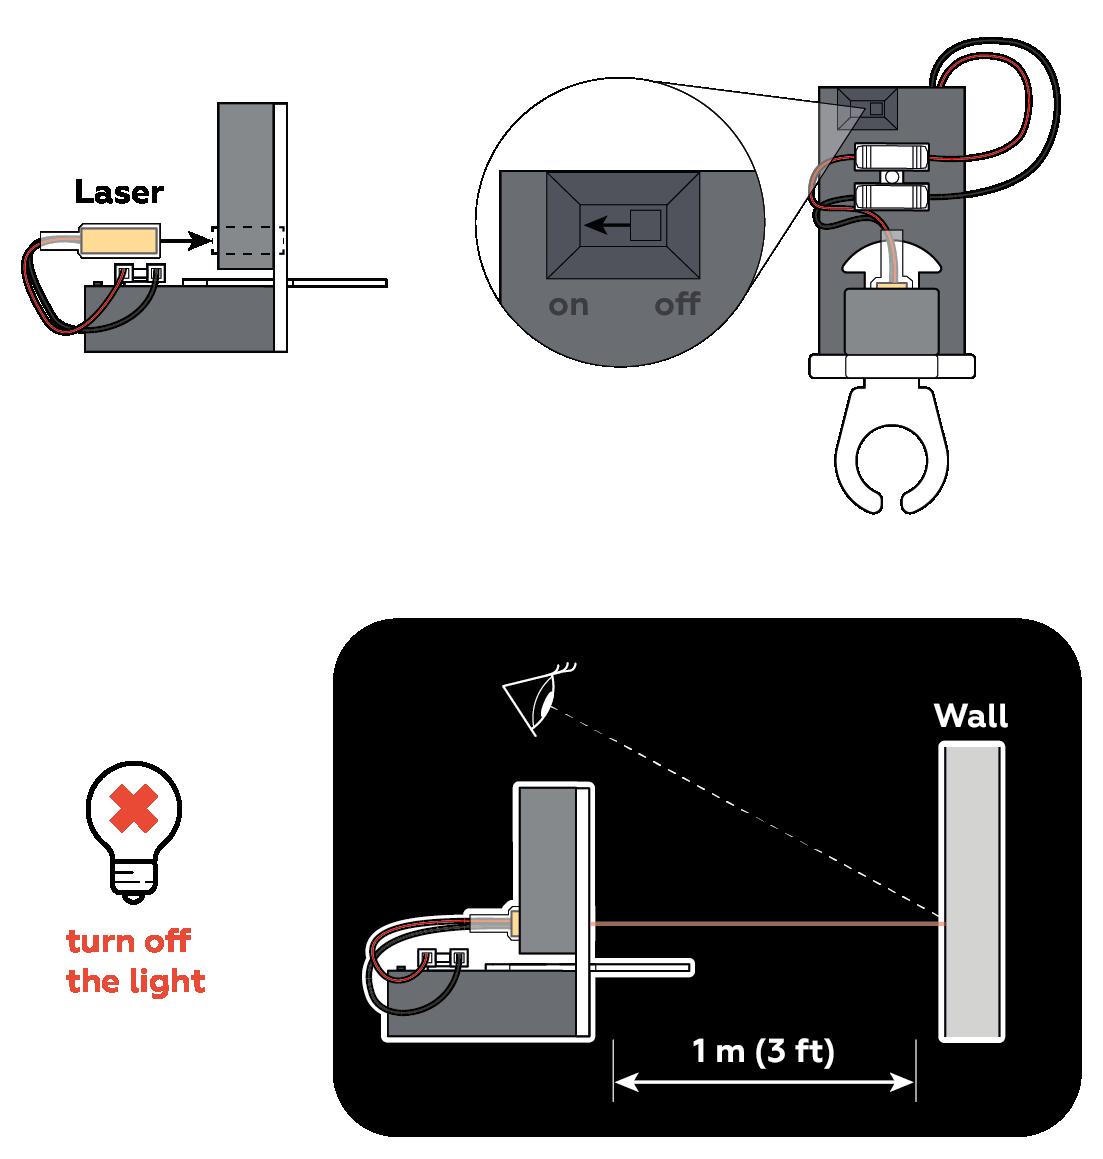 physics-refraction_1-laser-knife_en_iks-s_03